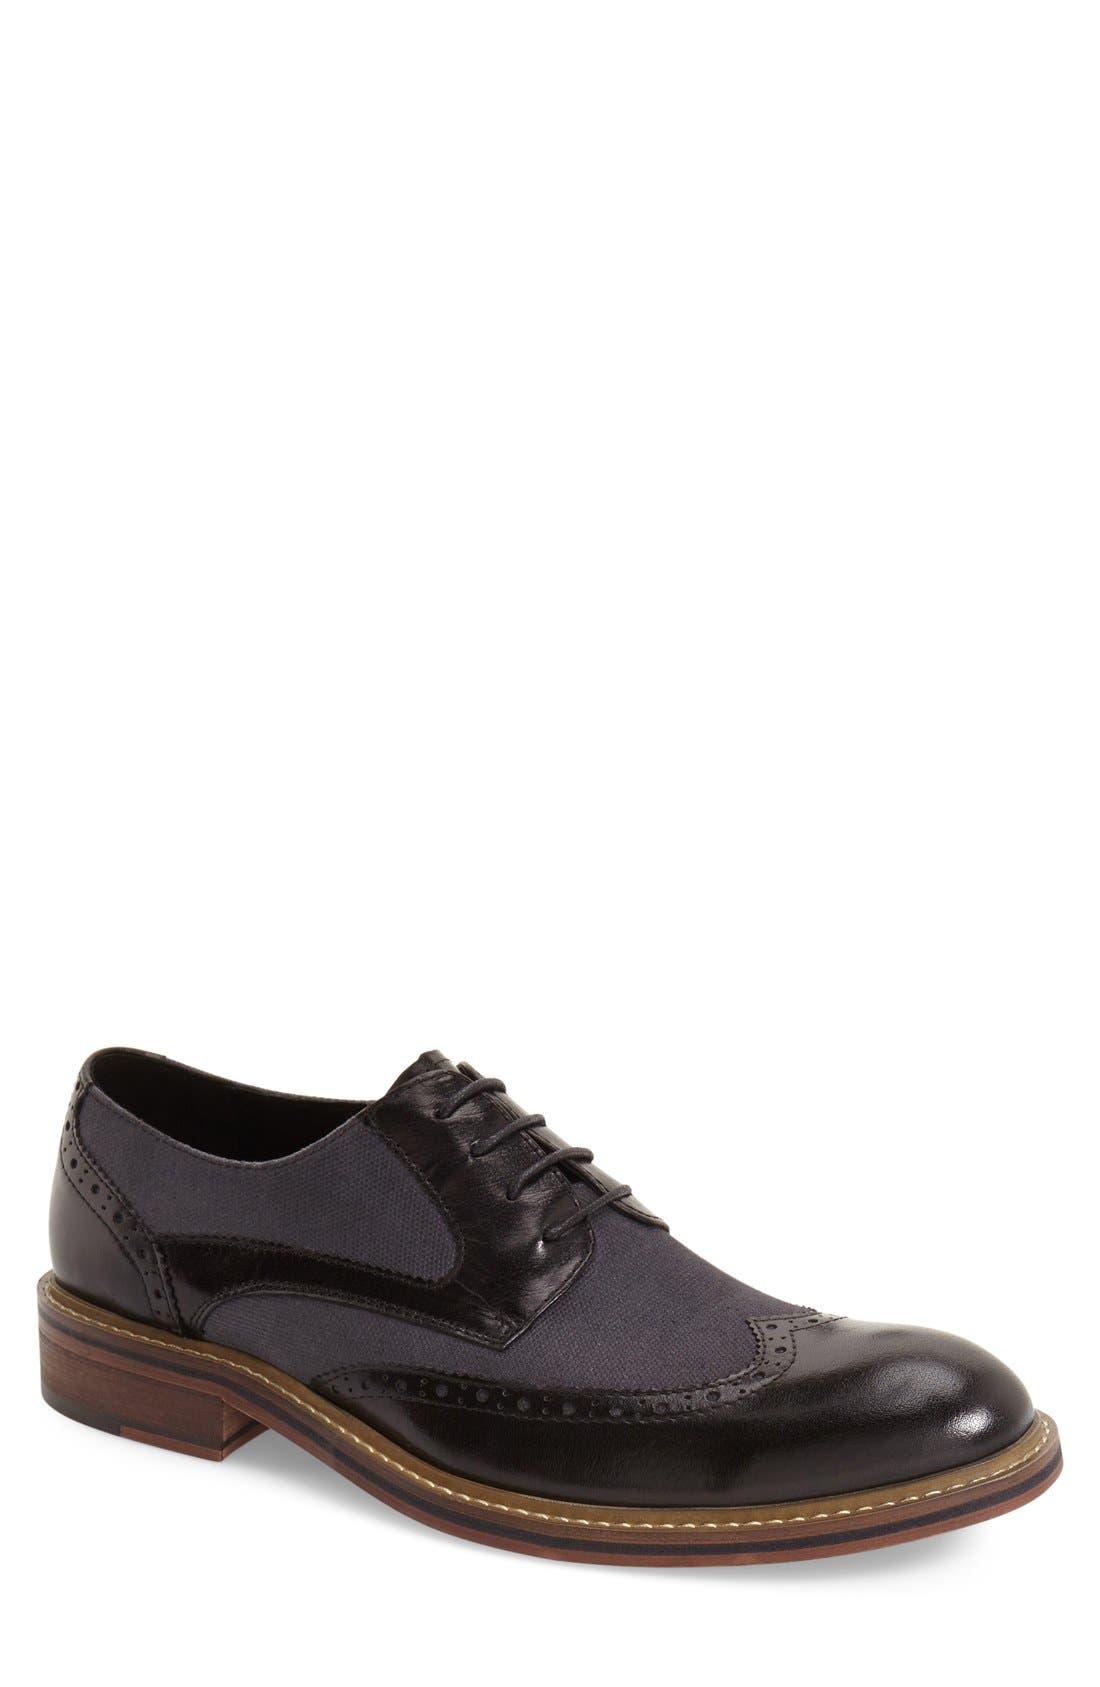 Mens Vintage Style Shoes & Boots| Retro Classic Shoes Mens Zanzara Money Spectator Shoe $137.90 AT vintagedancer.com